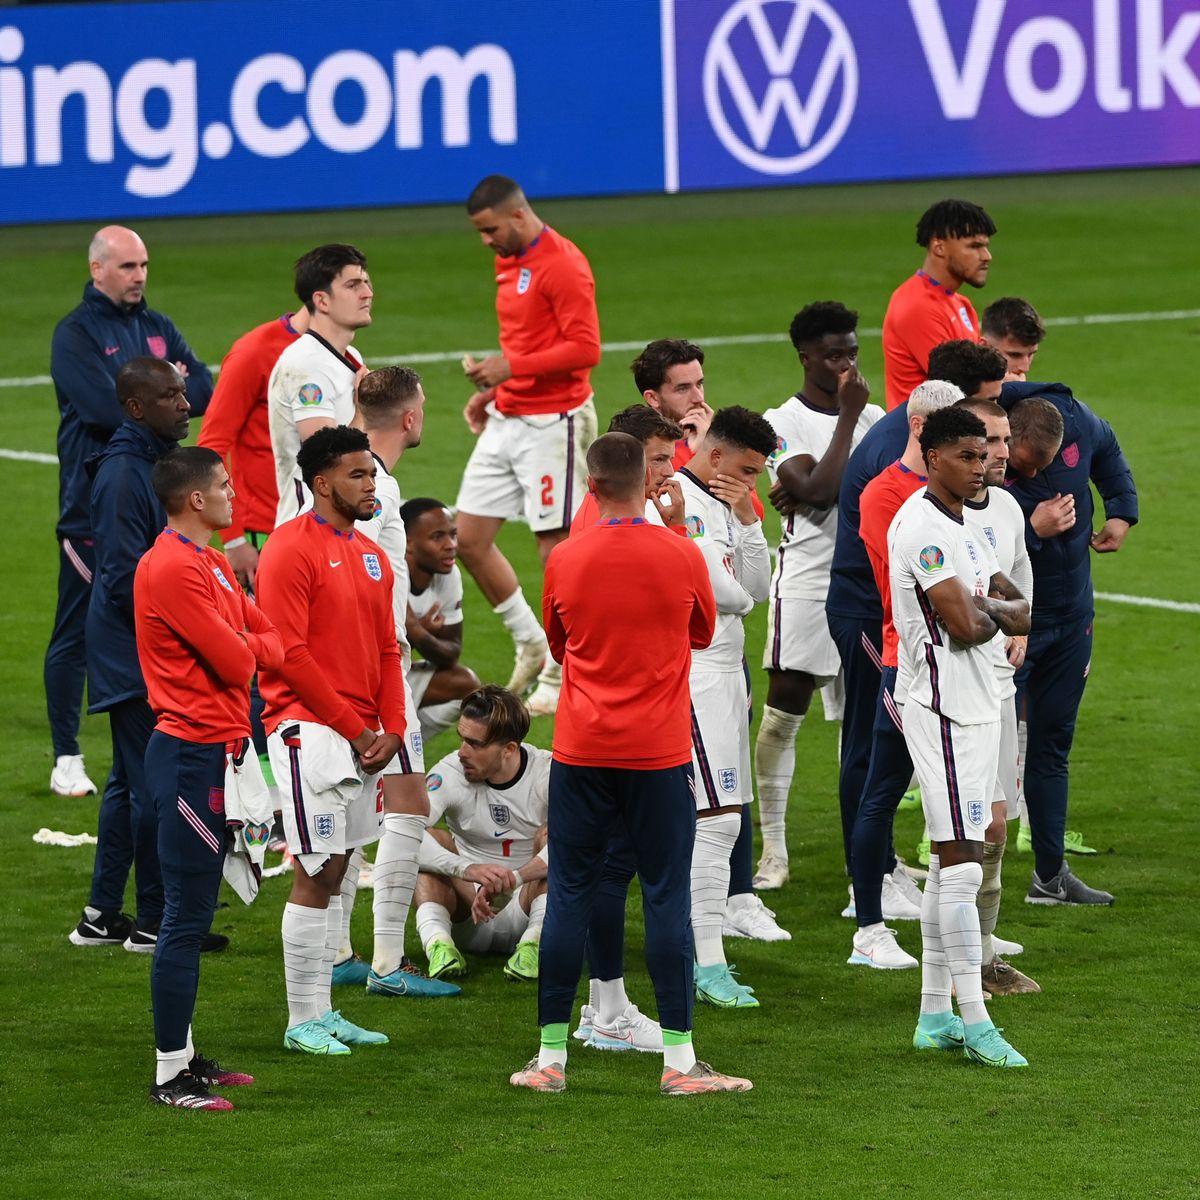 Les Anglais déçus après leur défaite en finale de l'Euro 2020, face à l'Italie.